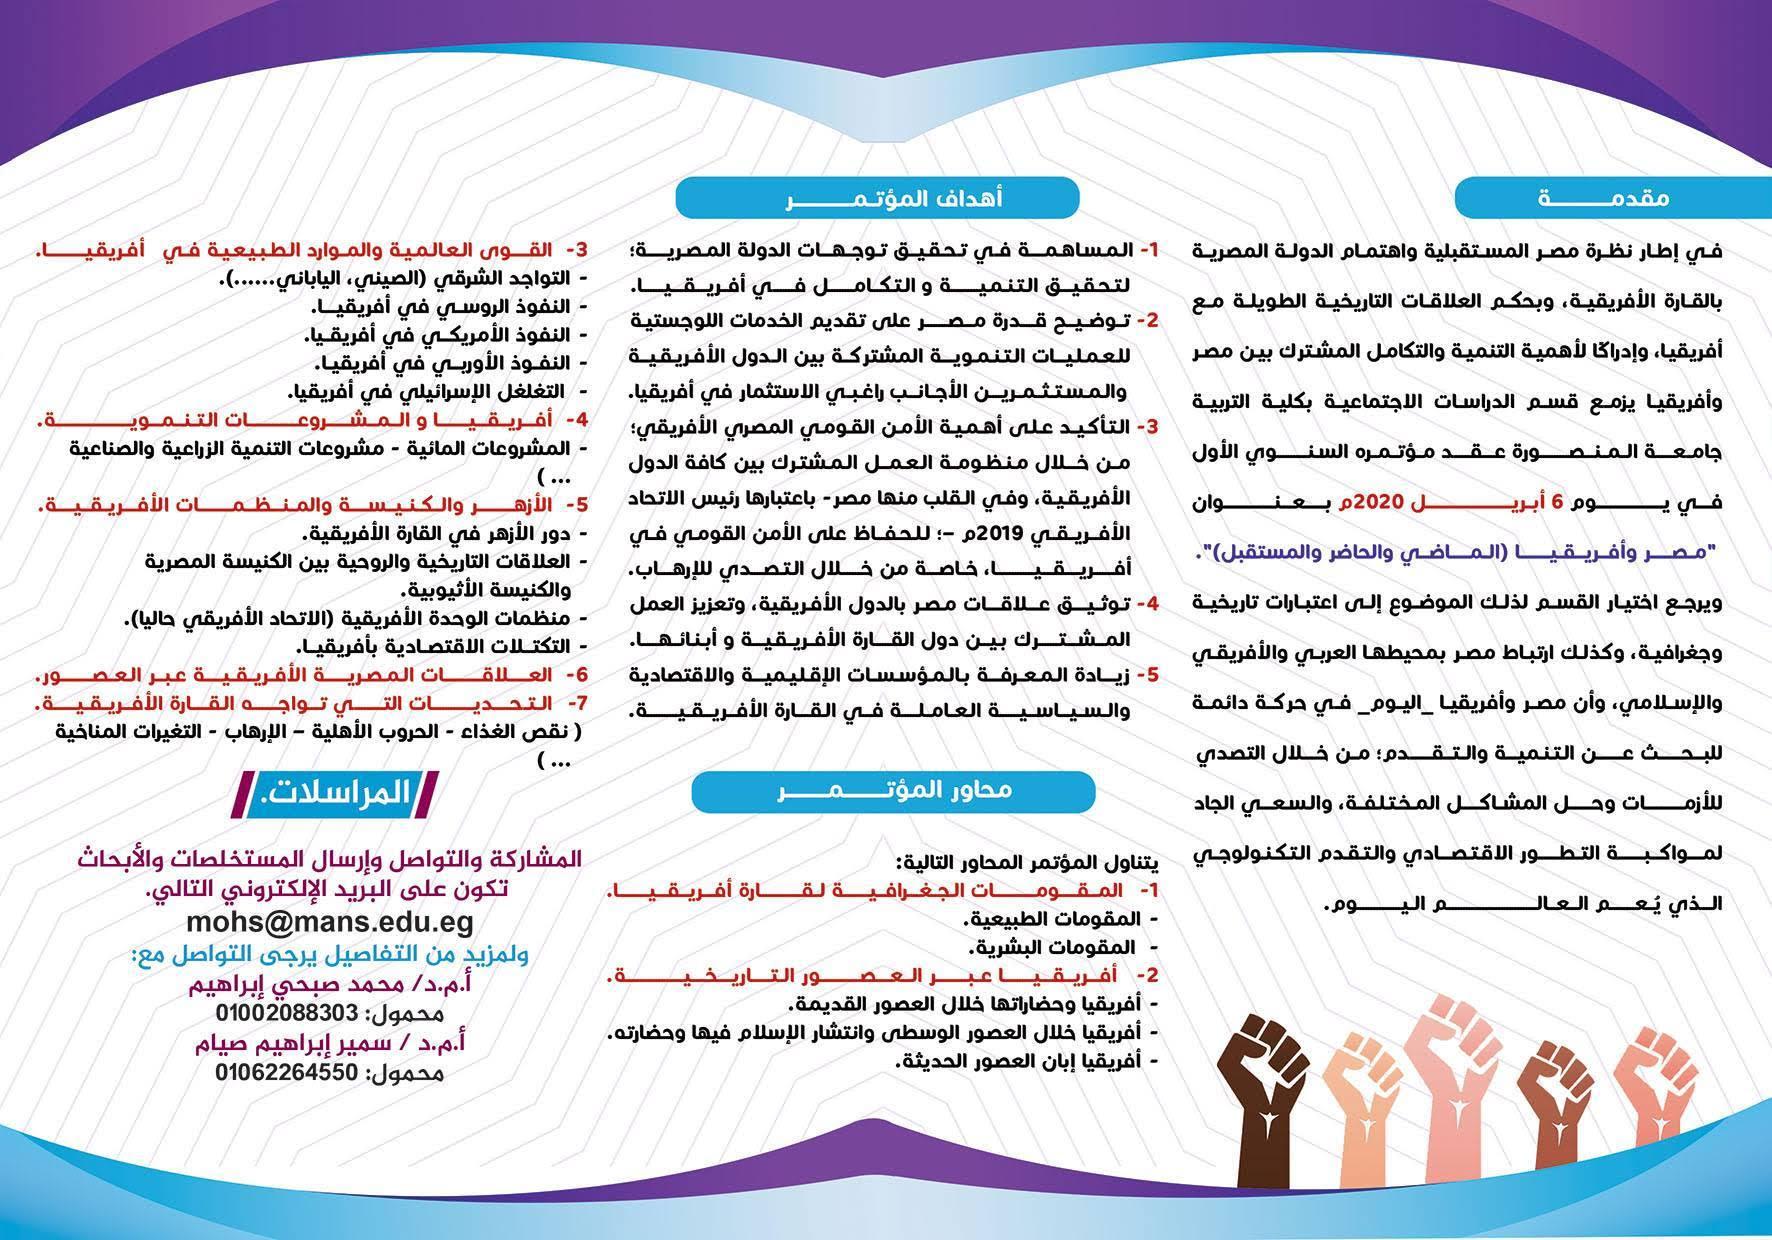 المؤتمر السنوي الأول لقسم الدراسات الاجتماعية بكلية التربية جامعة المنصورة. مصر وأفريقيا